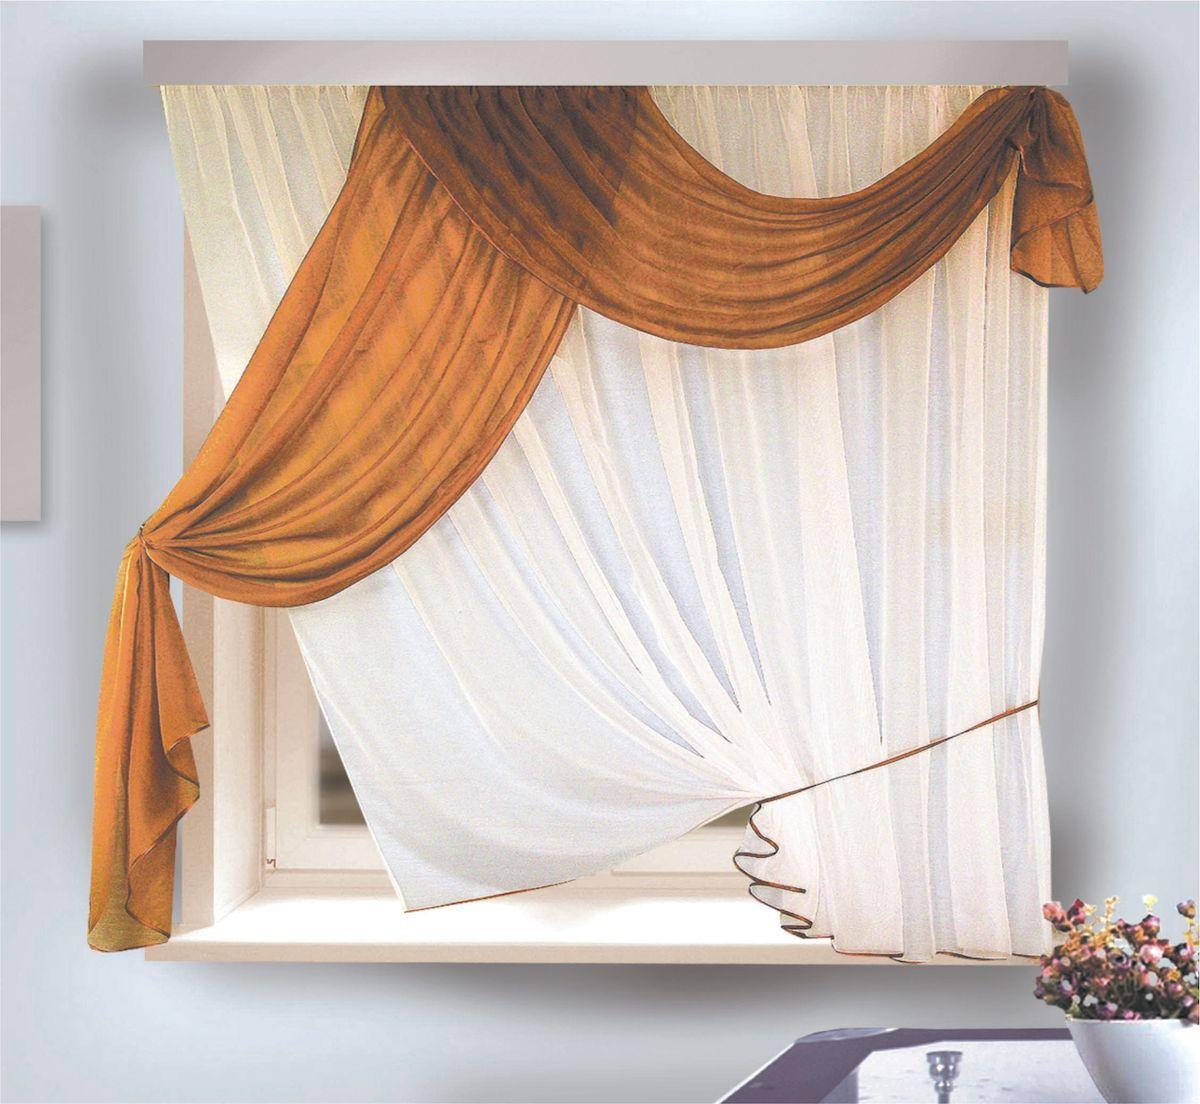 Комплект штор для кухни Zlata Korunka, на ленте, цвет: белый, коричневый, высота 170 см. 333311333311Комплект штор для кухни Zlata Korunka, выполненный из полиэстера, великолепно украсит любое окно. Комплект состоит из тюля, ламбрекена и трех подхватов (2 из них пришиты к тюлю). Оригинальный дизайн и приятная цветовая гамма привлекут к себе внимание и органично впишутся в интерьер помещения. Этот комплект будет долгое время радовать вас и вашу семью! Комплект крепится на карниз при помощи ленты, которая поможет красиво и равномерно задрапировать верх. В комплект входит: Ламбрекен: 1 шт. Размер (Ш х В): 90 х 170 см. Тюль: 1 шт. Размер (Ш х В): 280 х 170 см. Подхват: 3 шт.